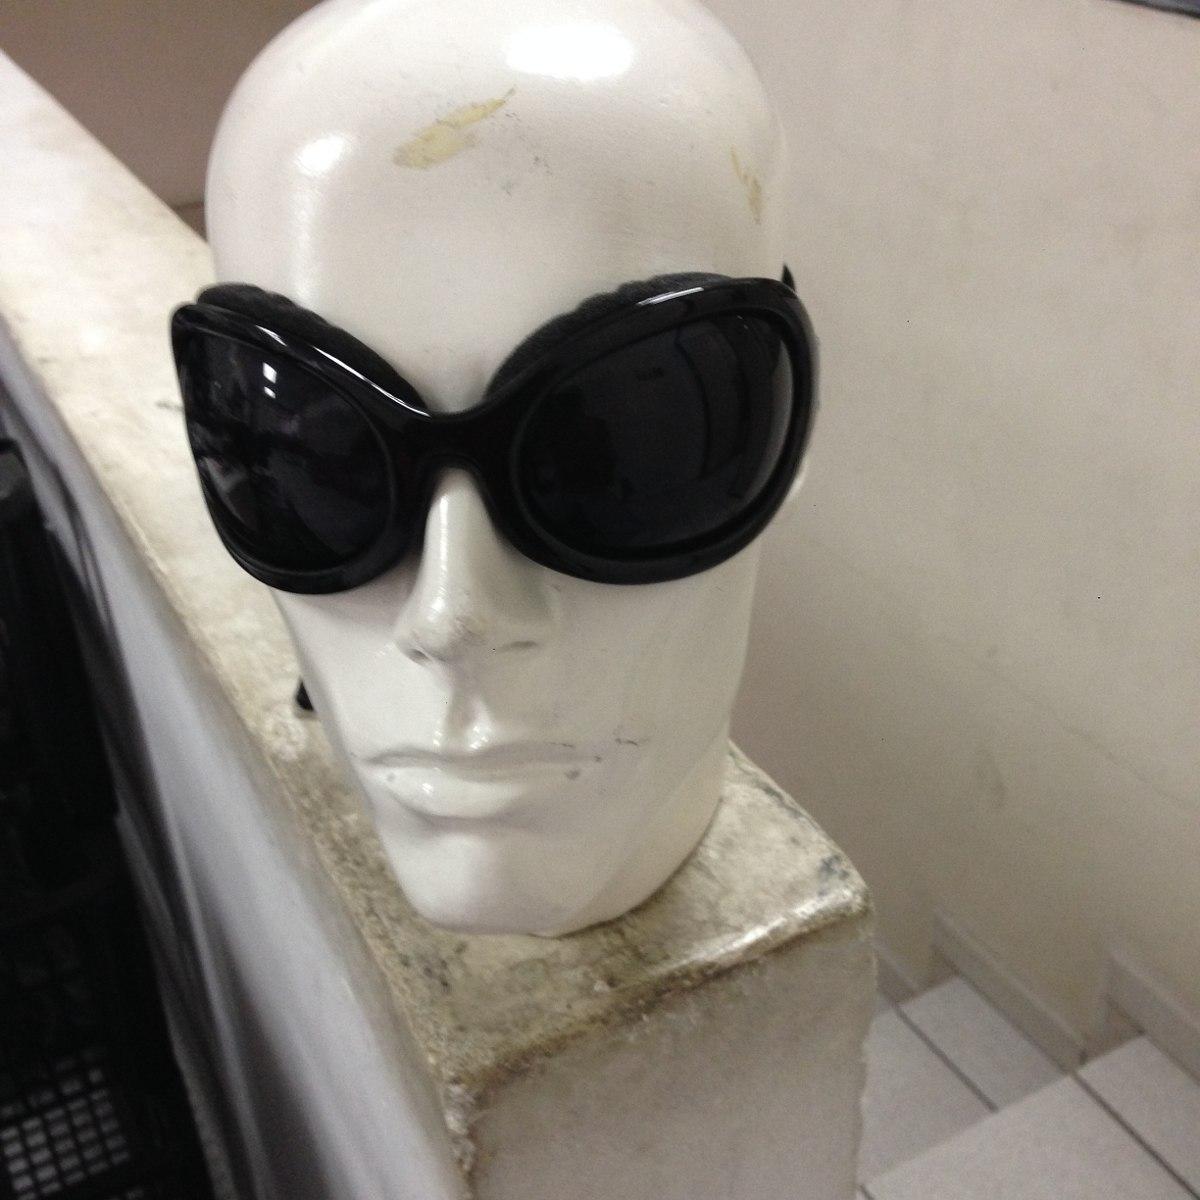 05907618fc219 Oculos Bolha Com Hates , E Elastico Opconal - R  149,00 em Mercado Livre